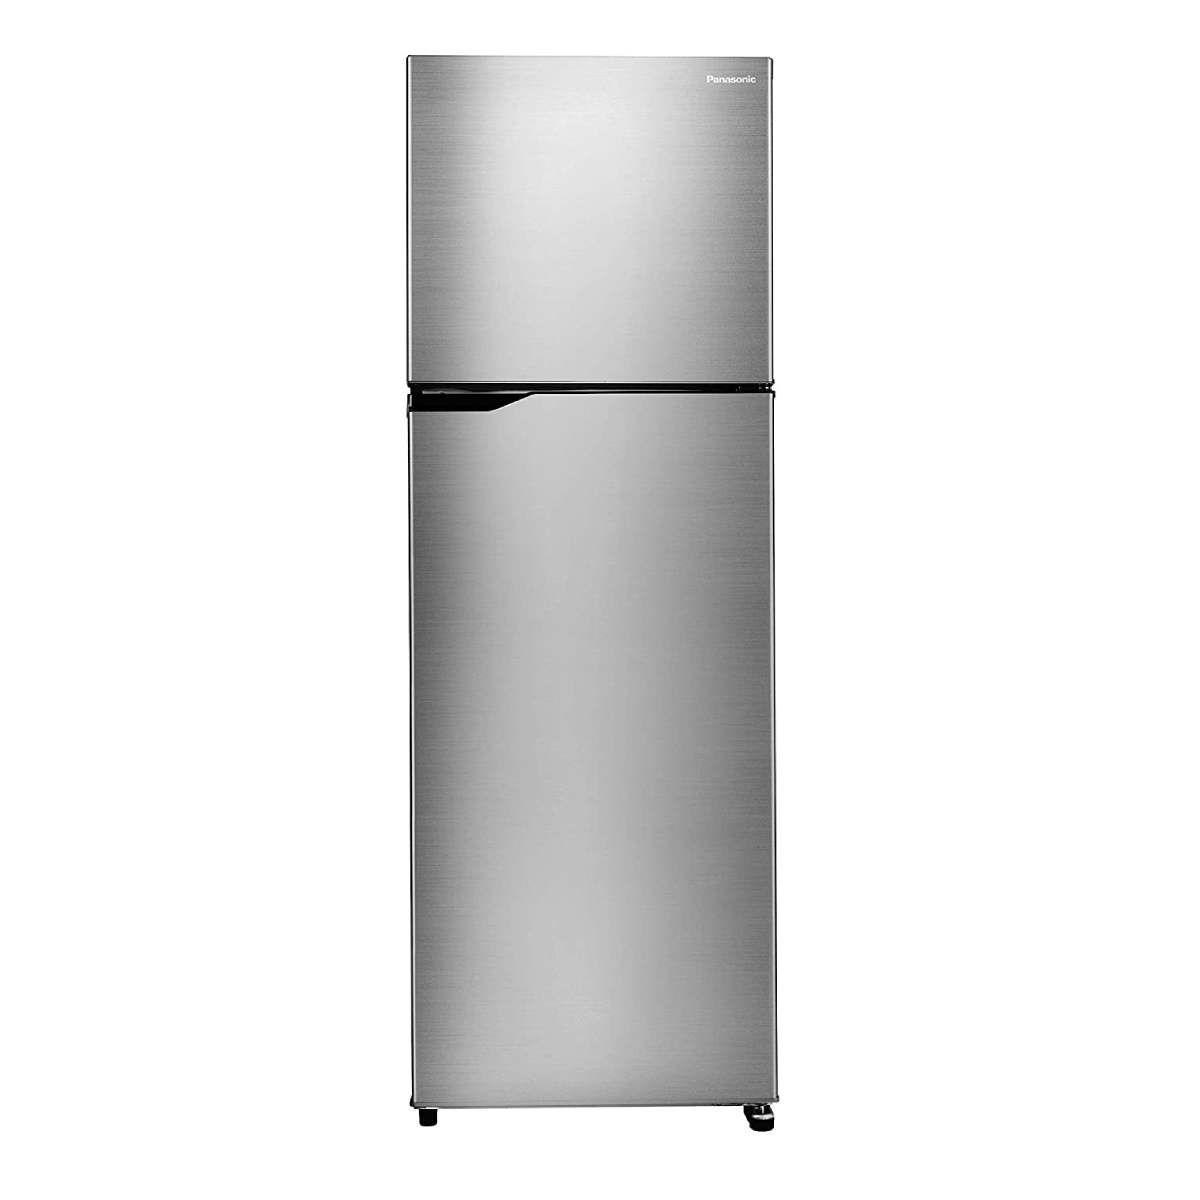 Panasonic 336 L 3 Star Double Door Refrigerator (NR-MBG34VSS3)